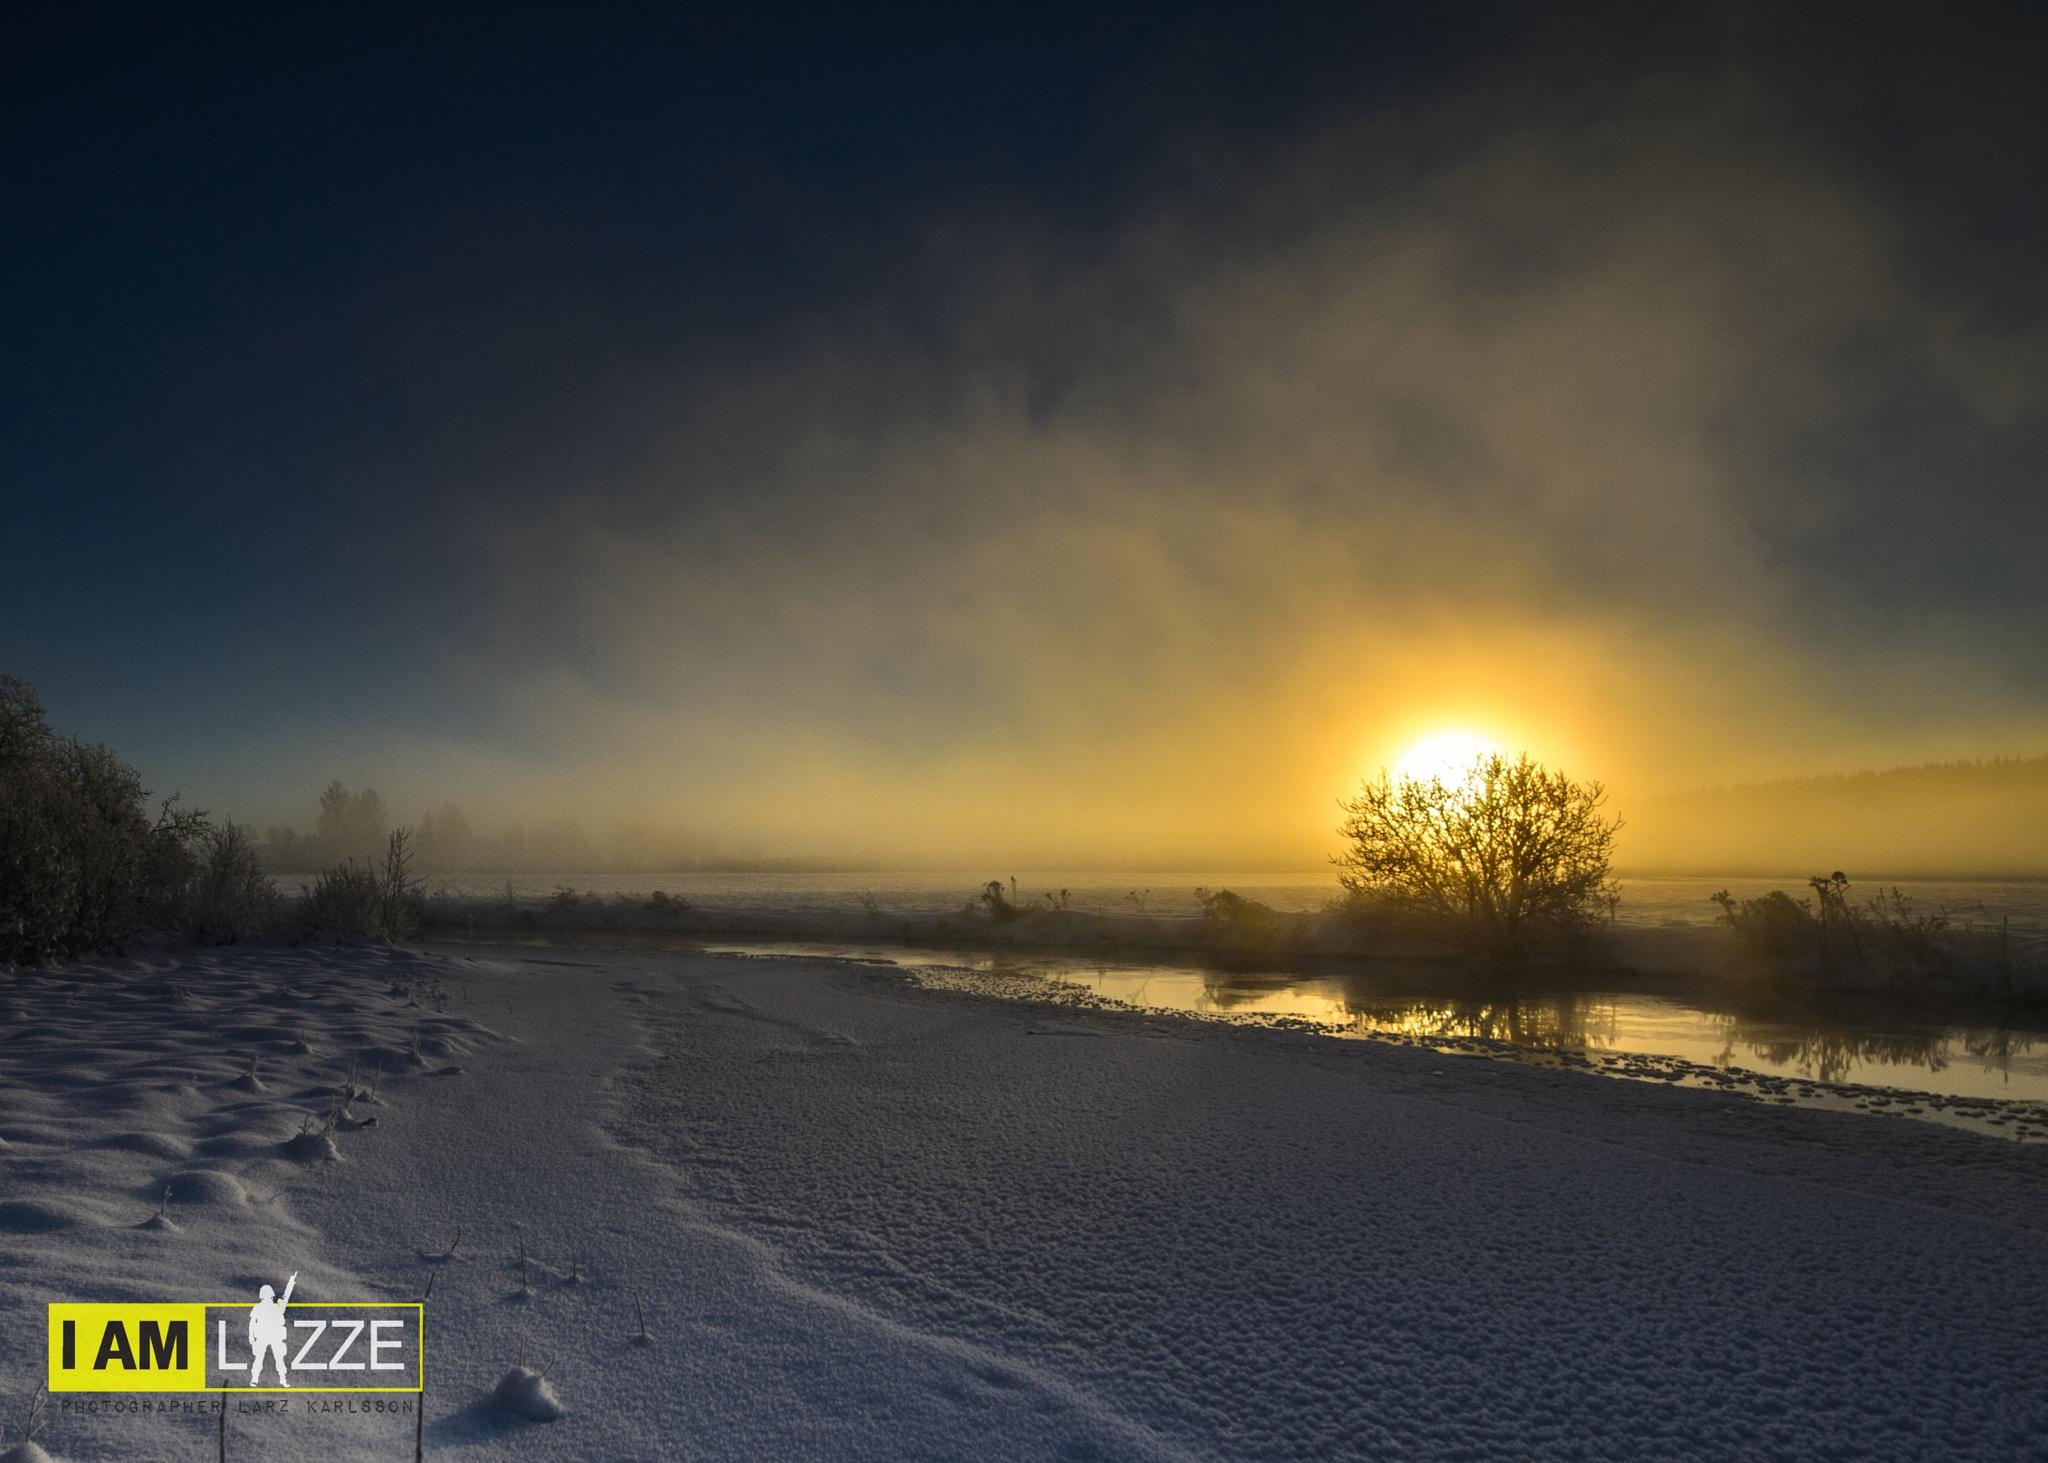 Sunrise by IAMLAZZE